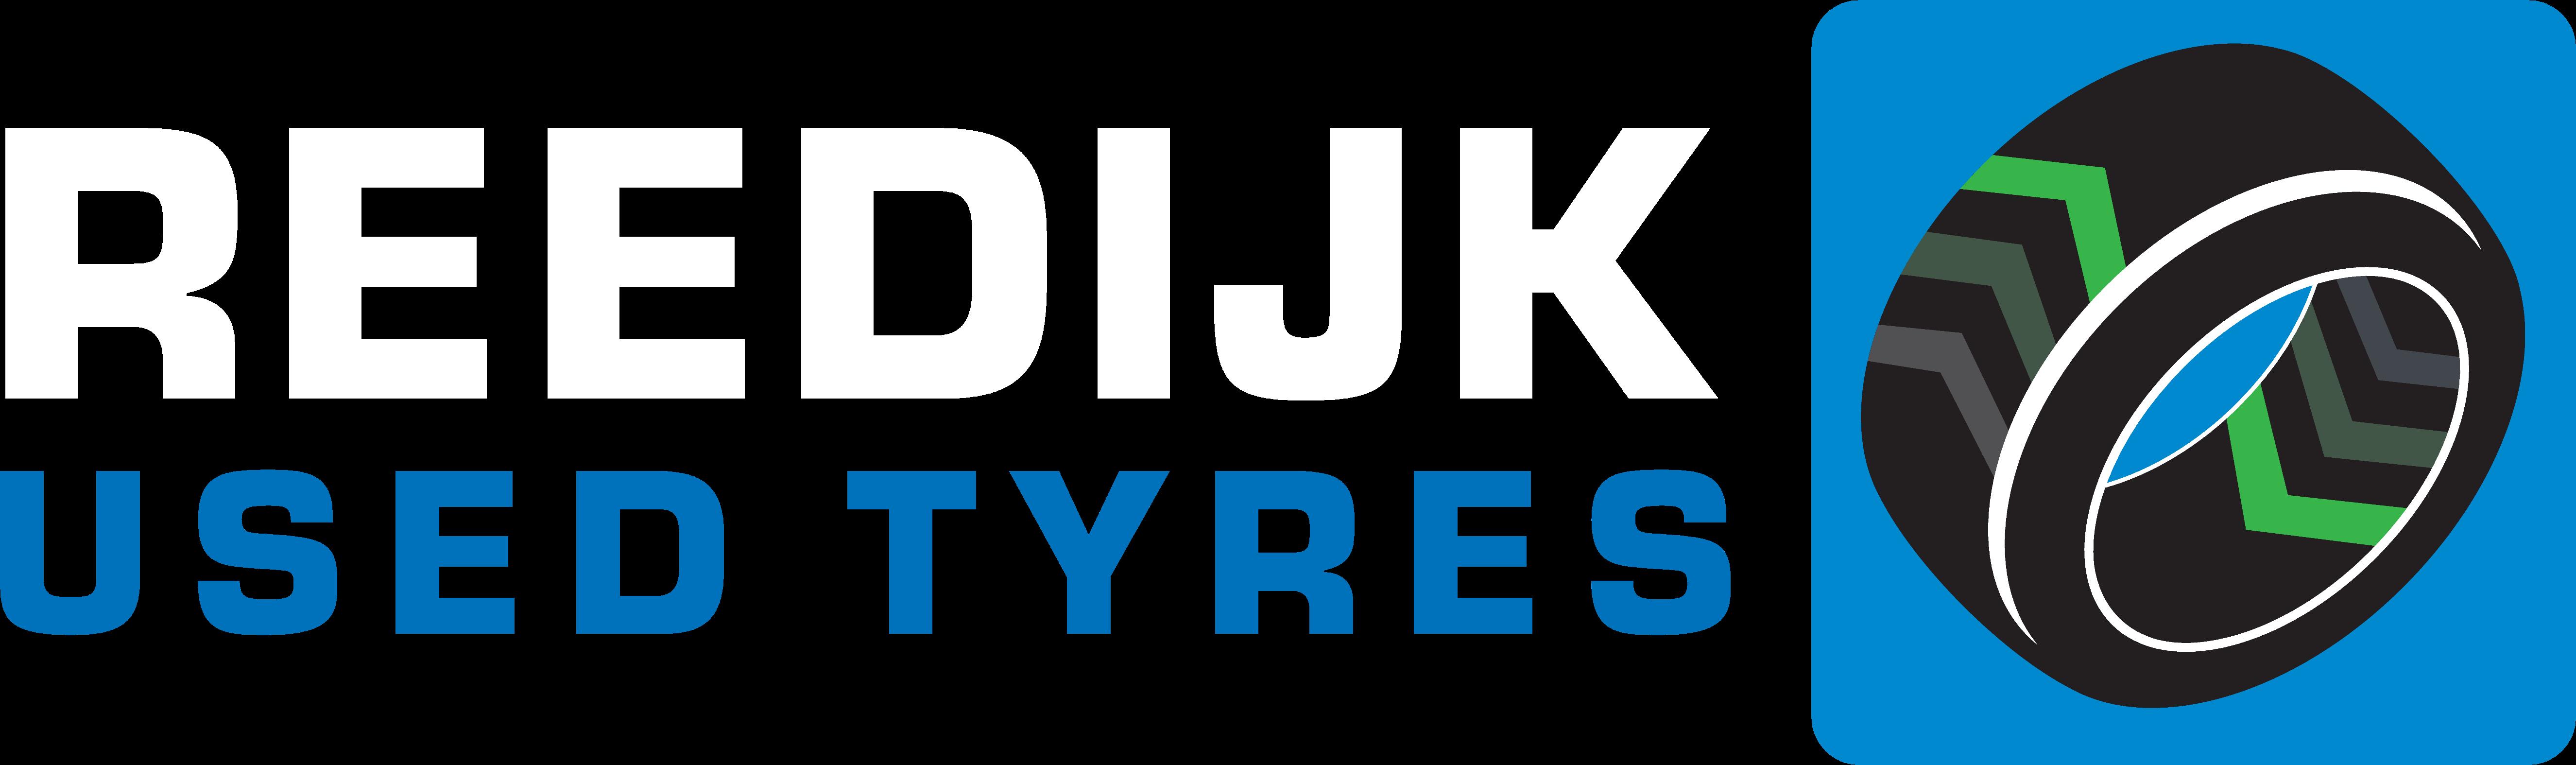 Reedijk Used Tyres B.V. Logo